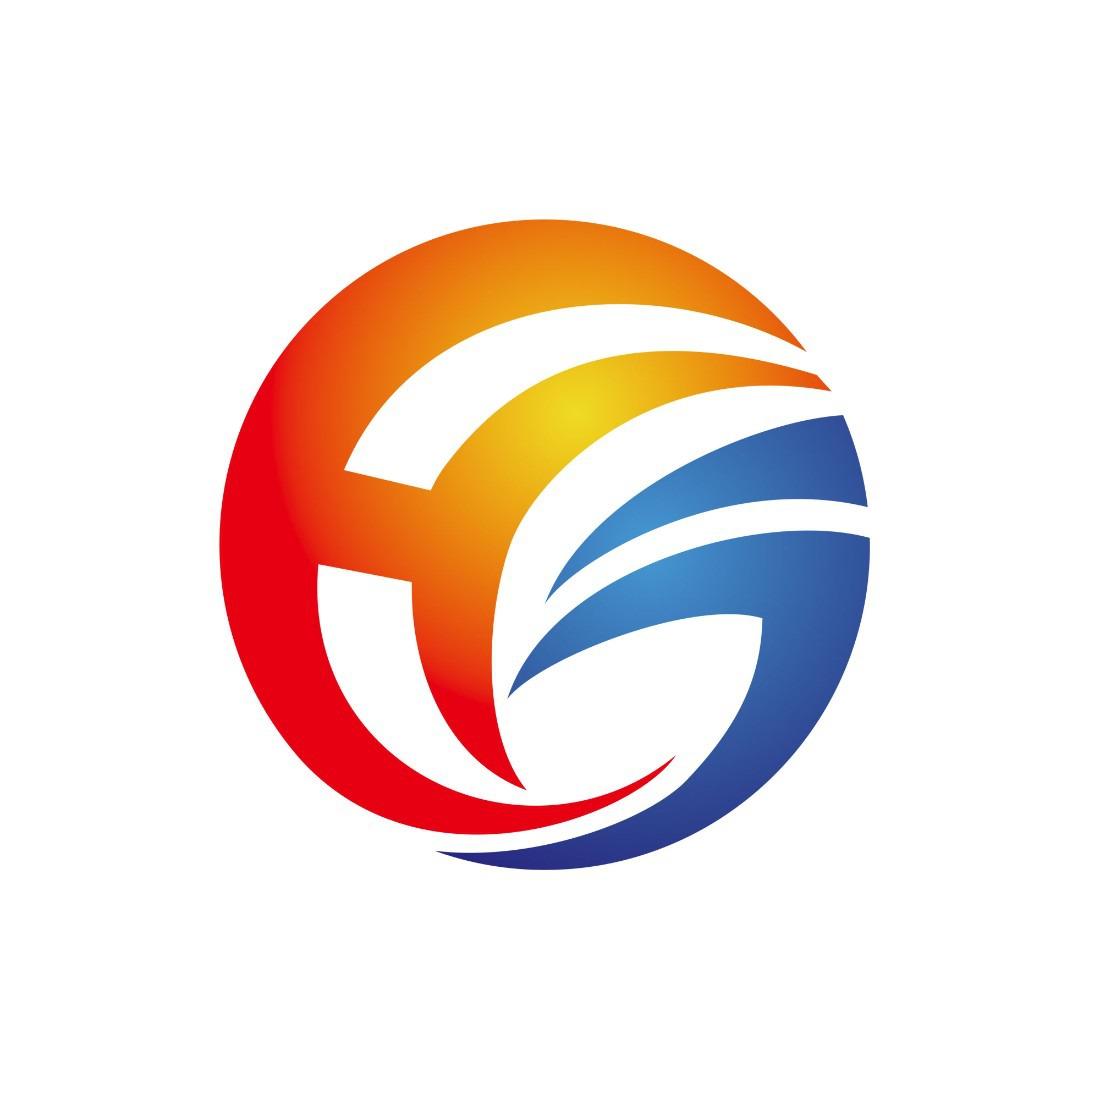 廣東鴻泰涂裝設備科技有限公司